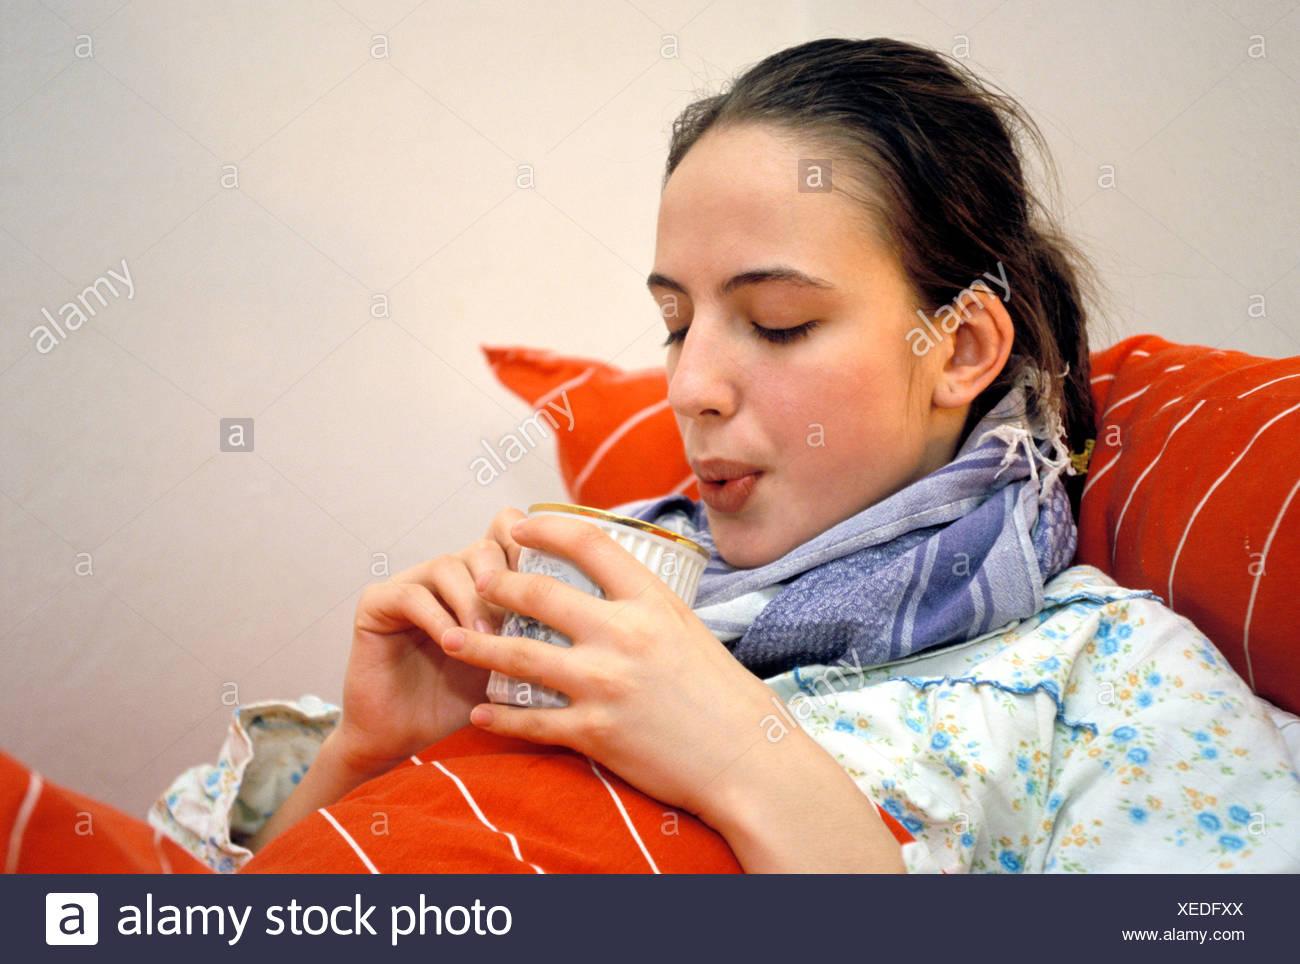 Mujer con frío acostado en la cama Imagen De Stock